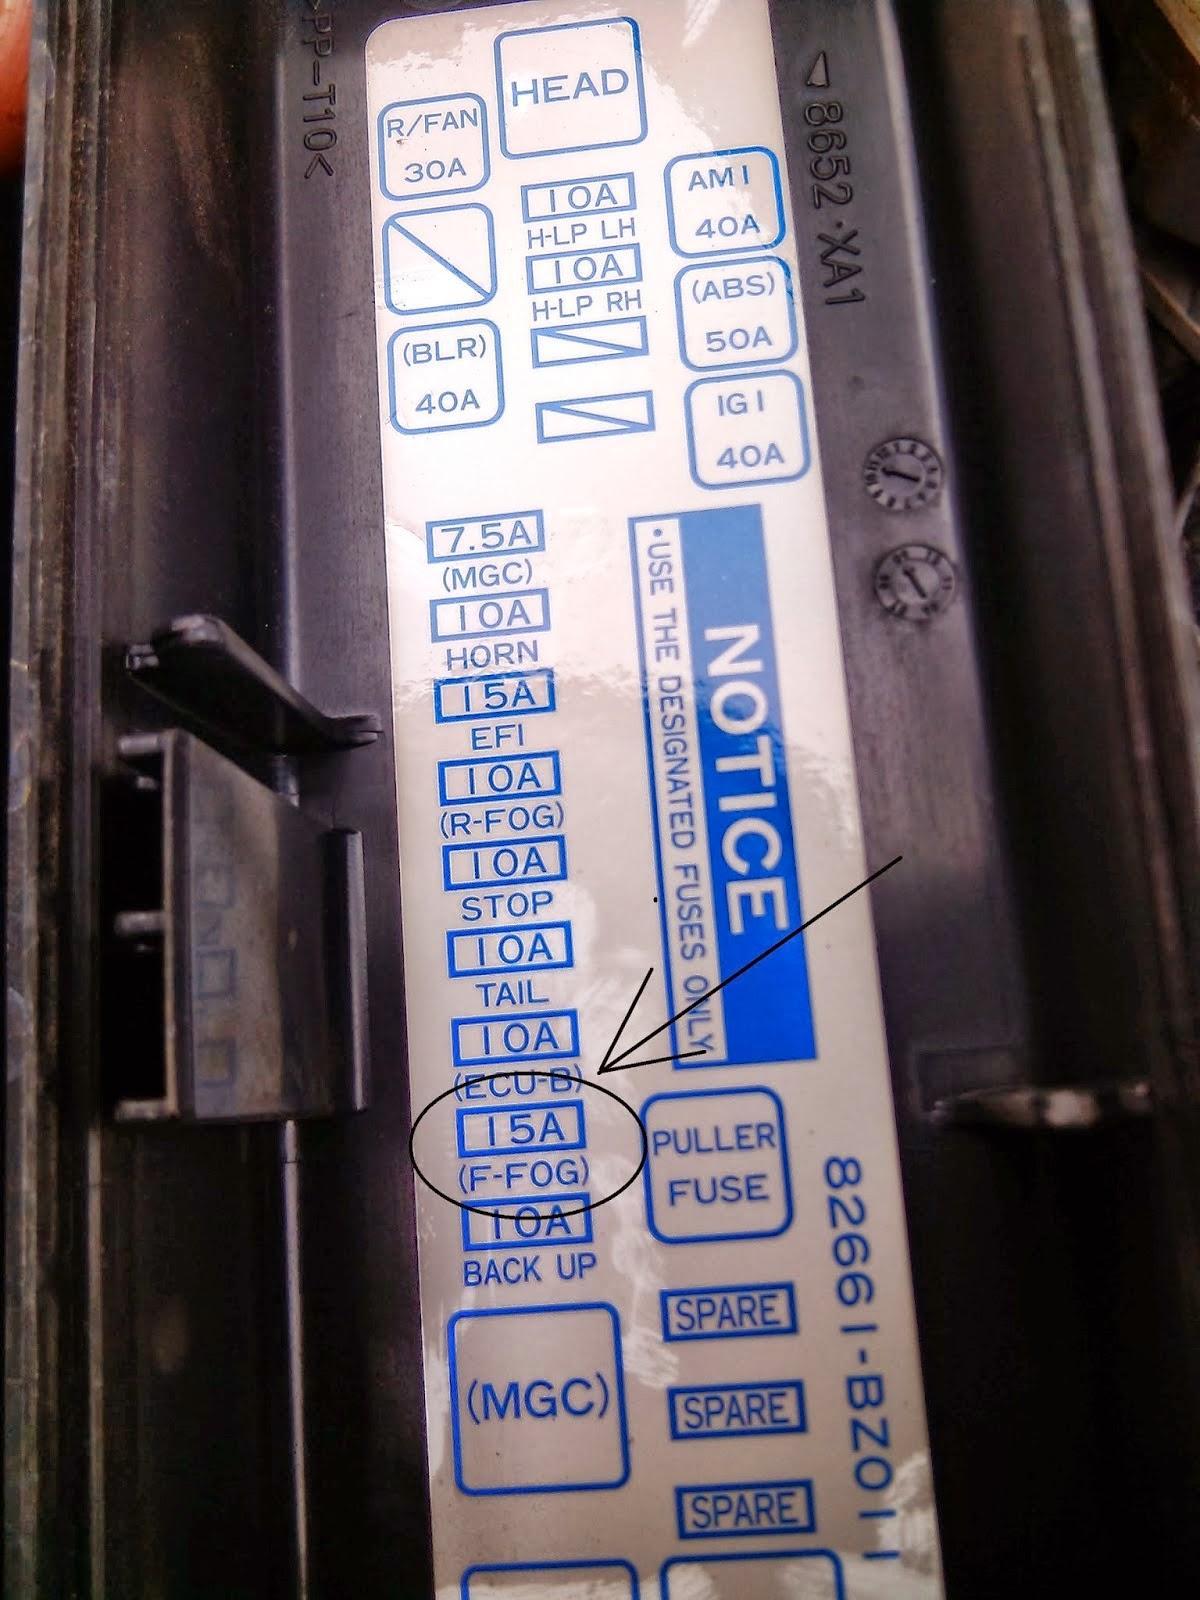 fuse box daihatsu taruna wiring diagram basic fuse box daihatsu ayla [ 1200 x 1600 Pixel ]